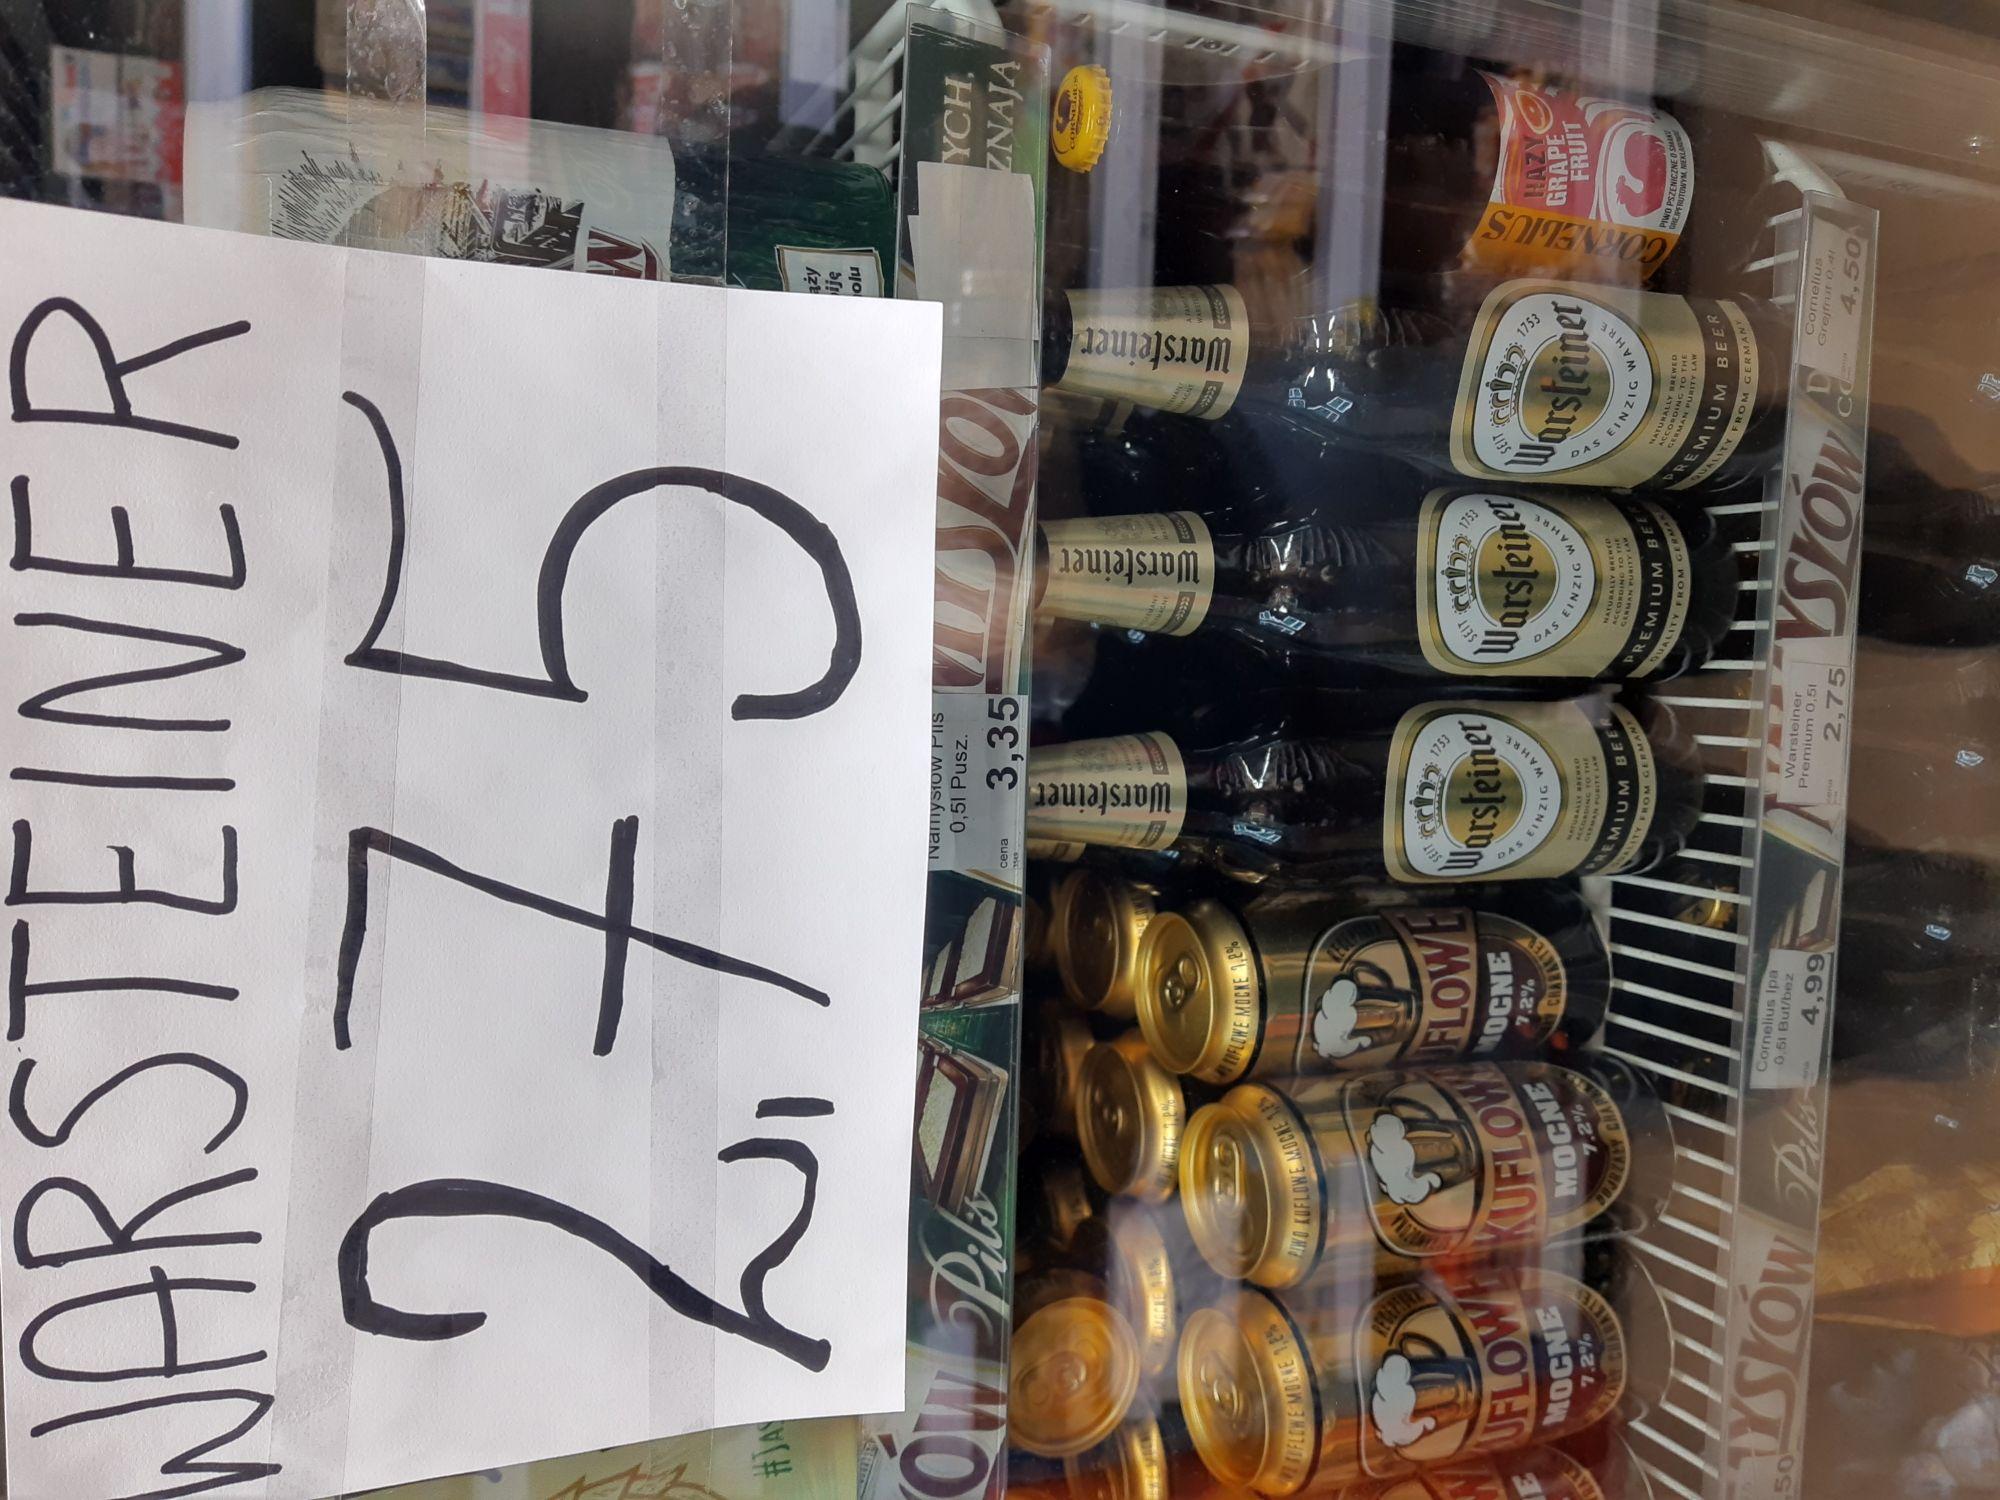 Piwo Warsteiner w niespotykanej cenie Harnasia w Chorten Ursynów